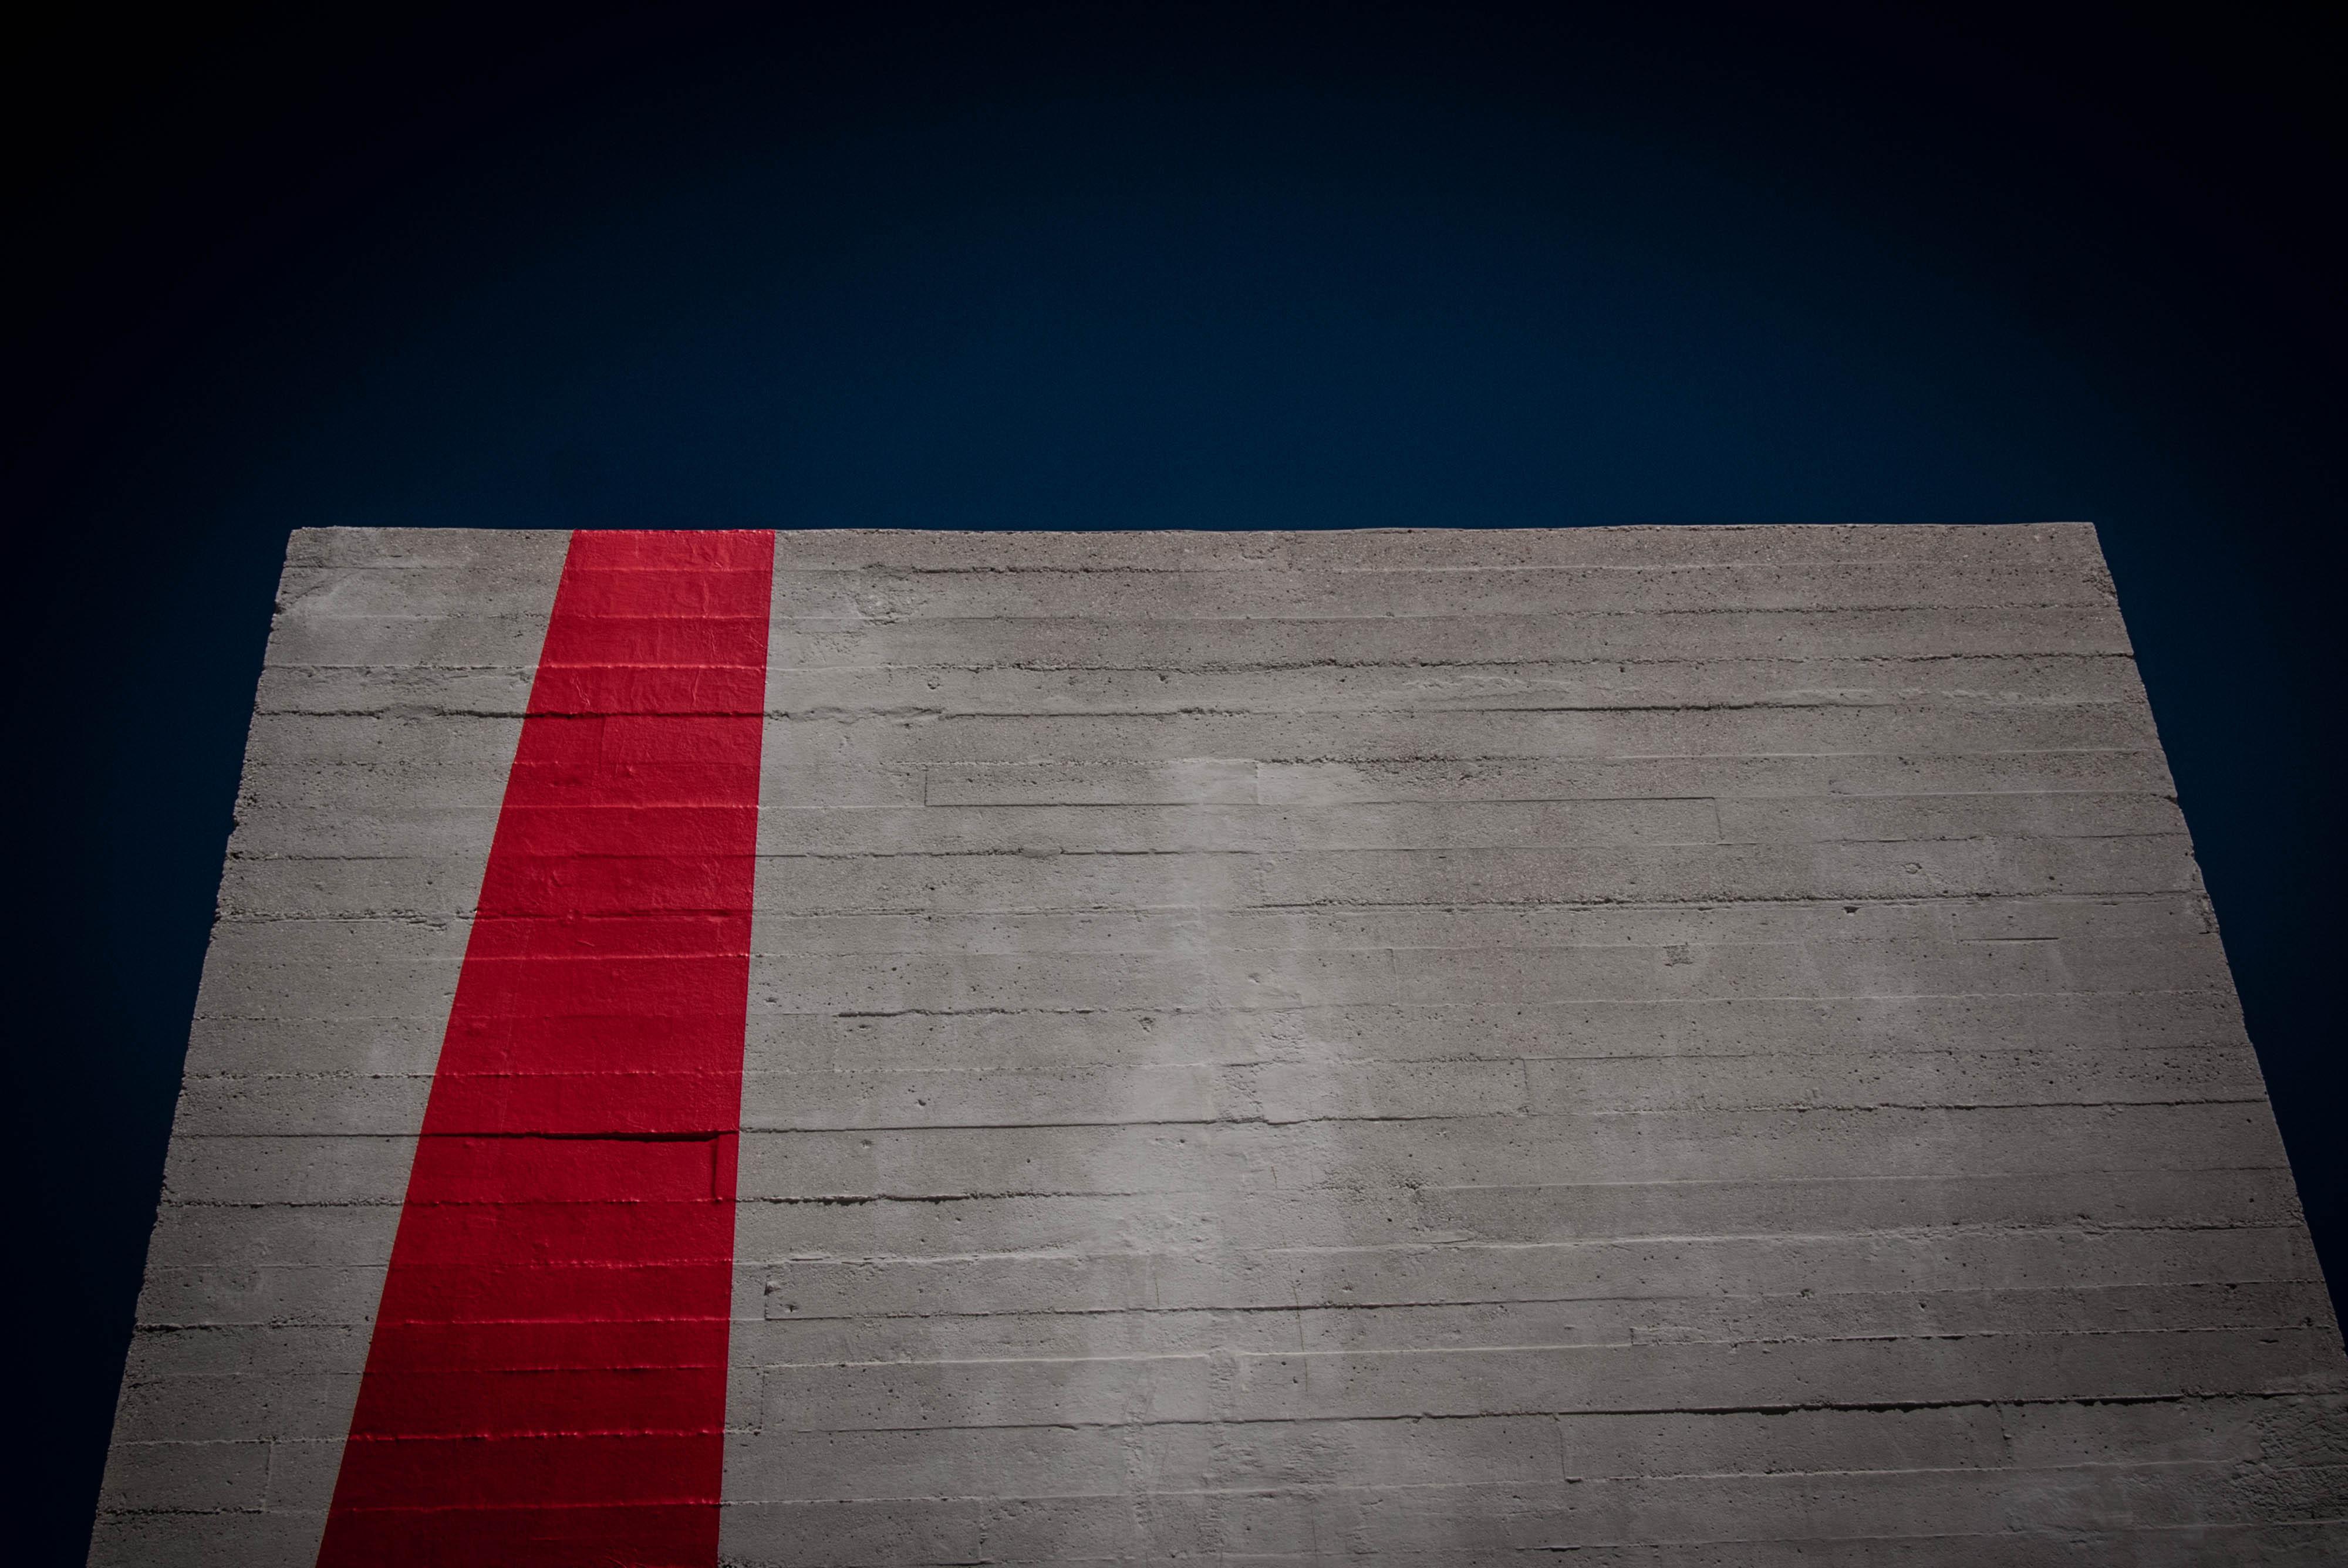 Le Corbusier #9